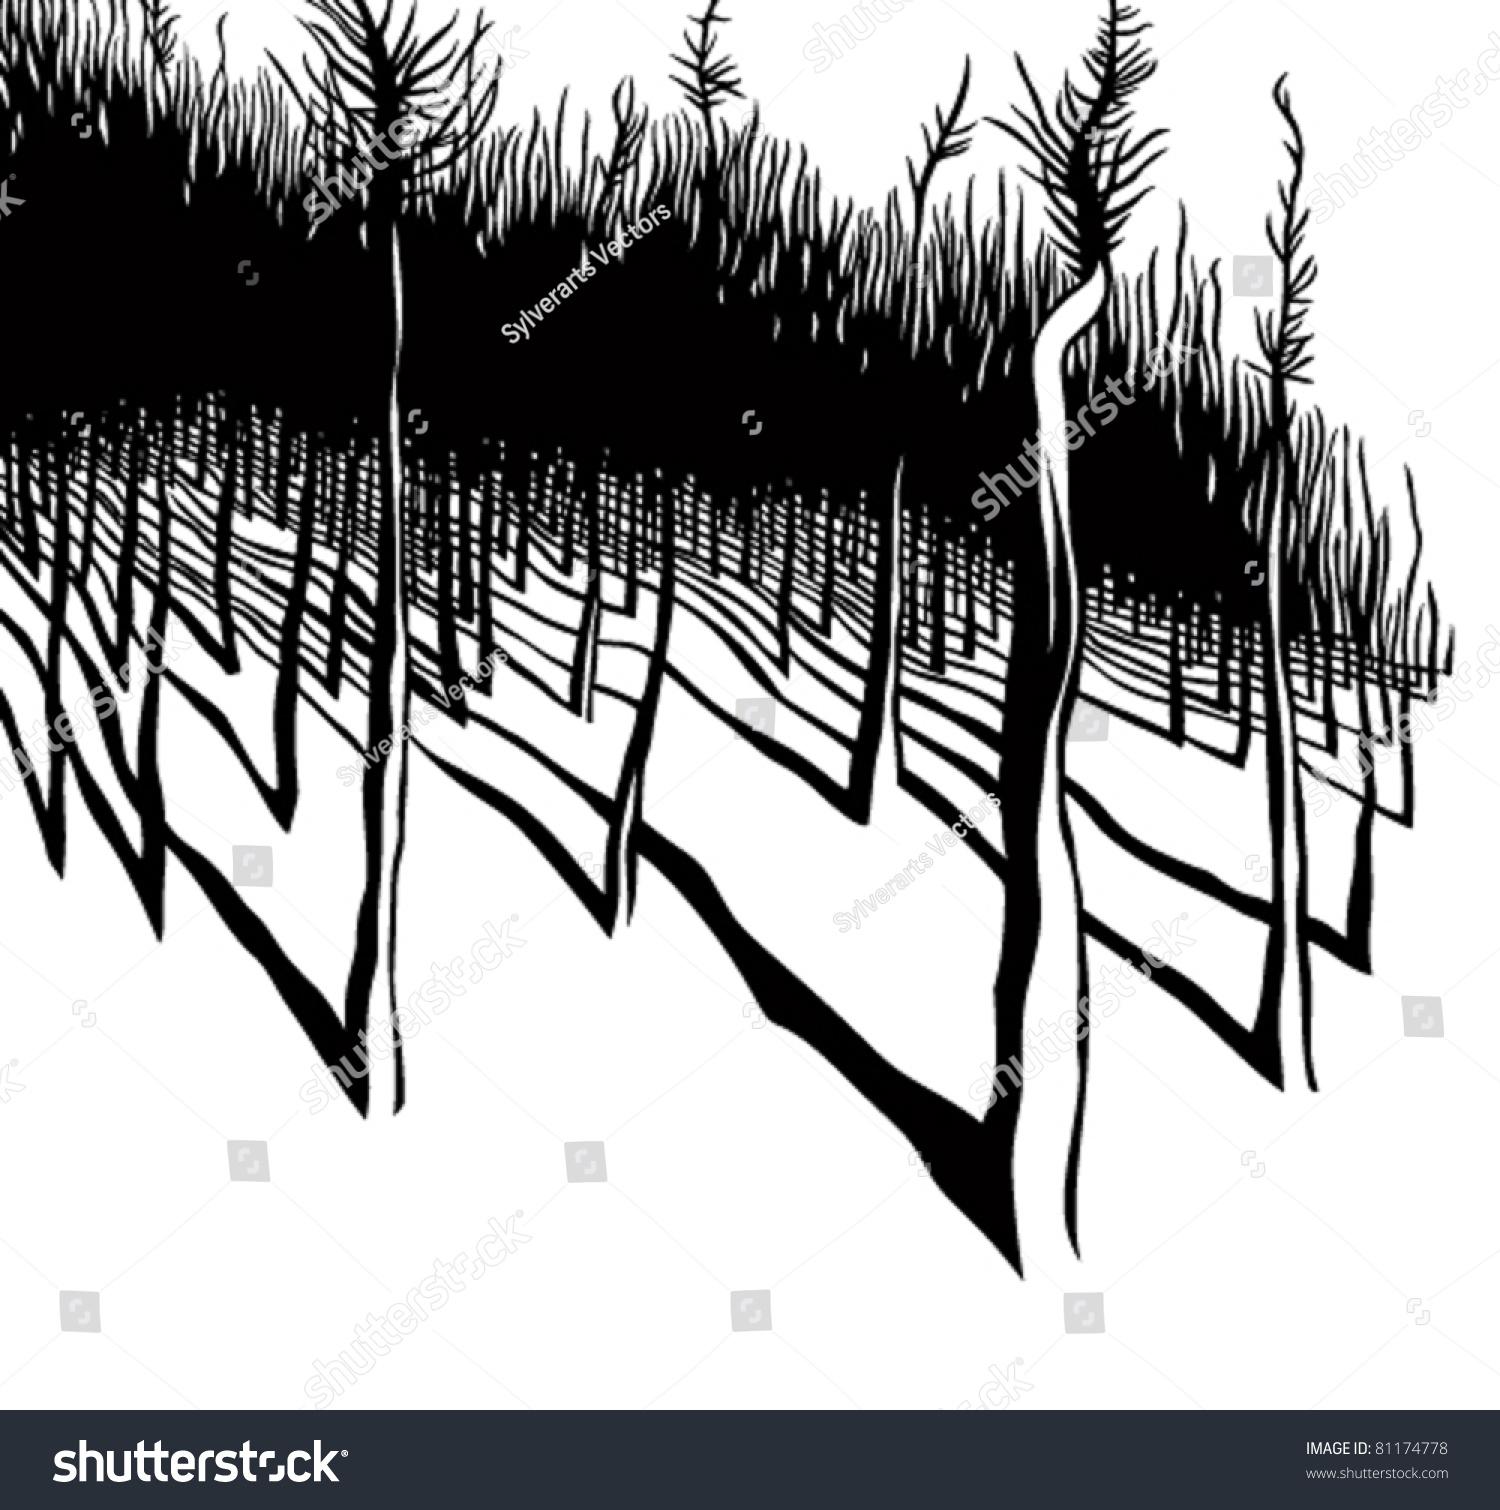 Forest Black White Vector Illustration Stock Vector 81174778 ...